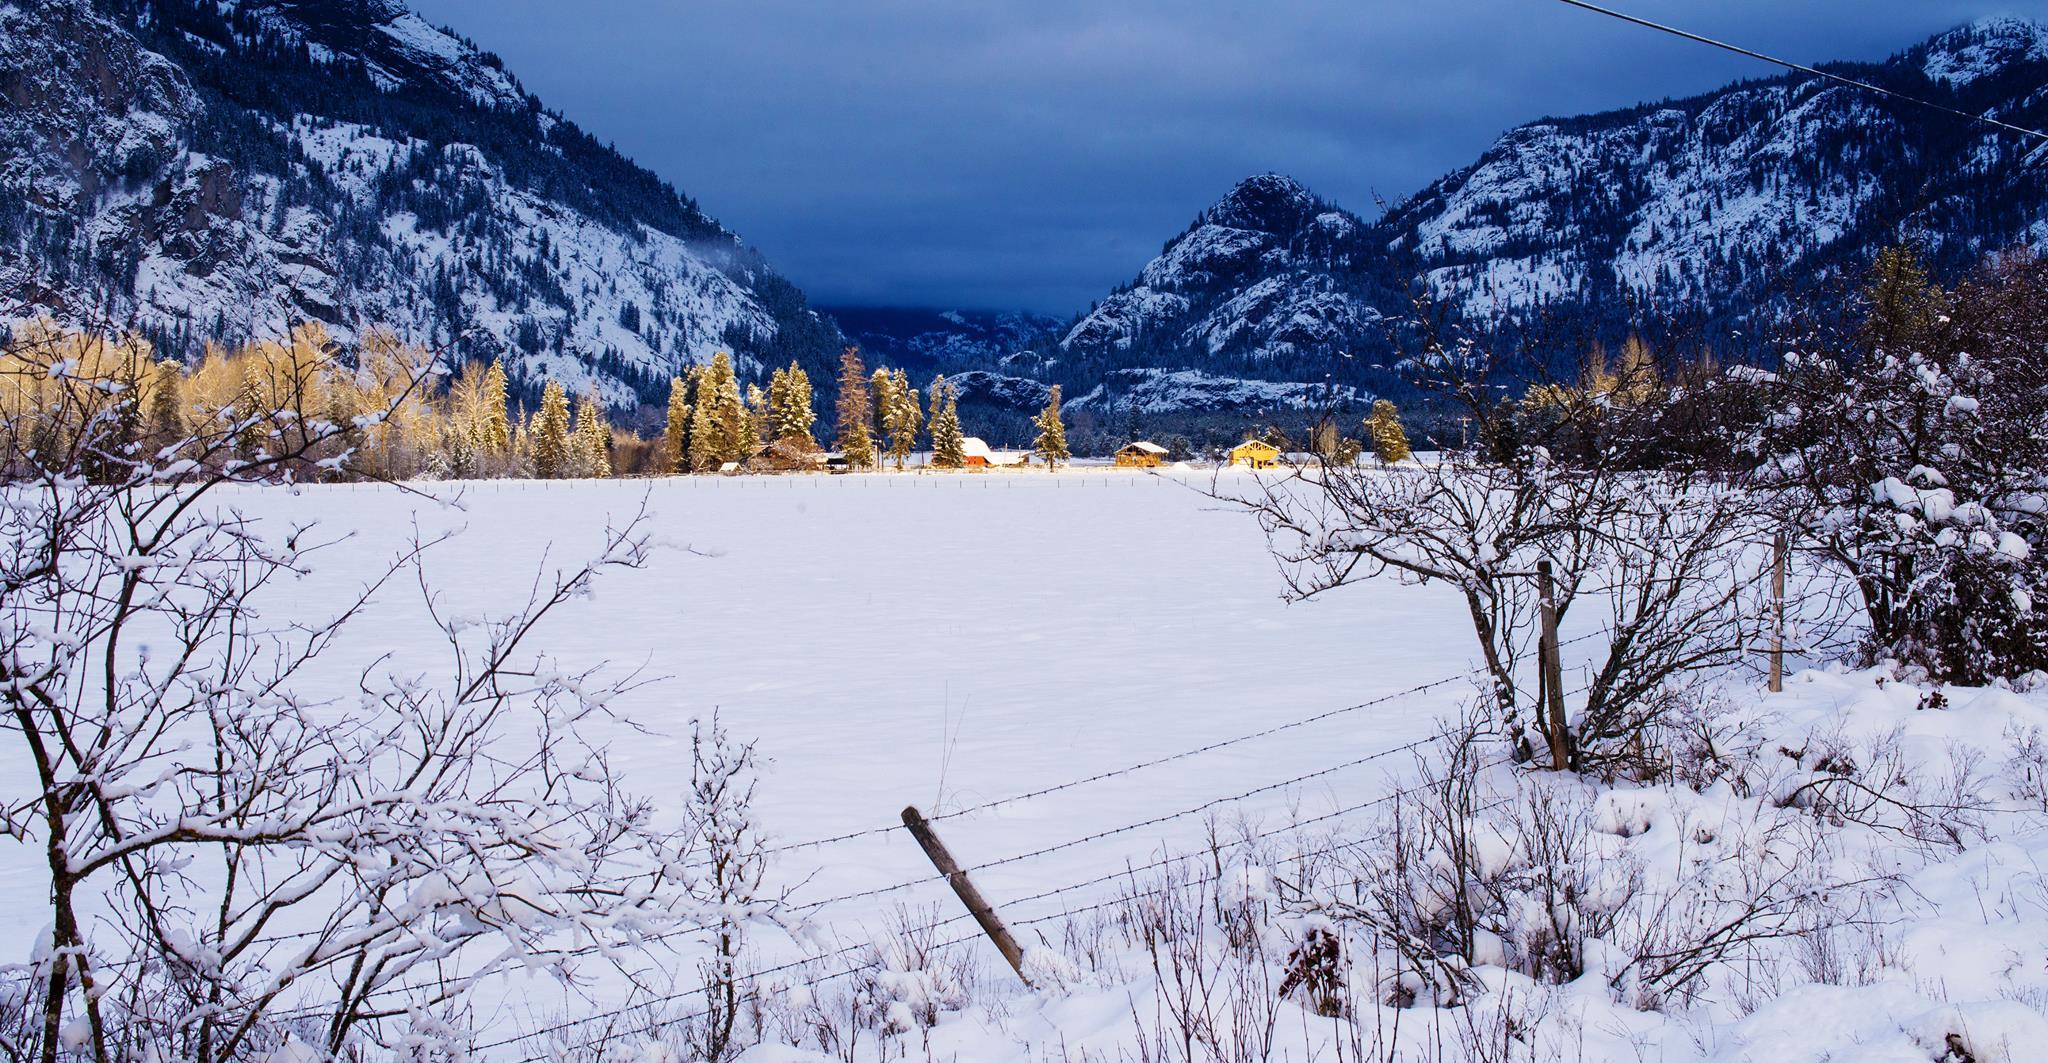 snowy cabin landscape.jpg